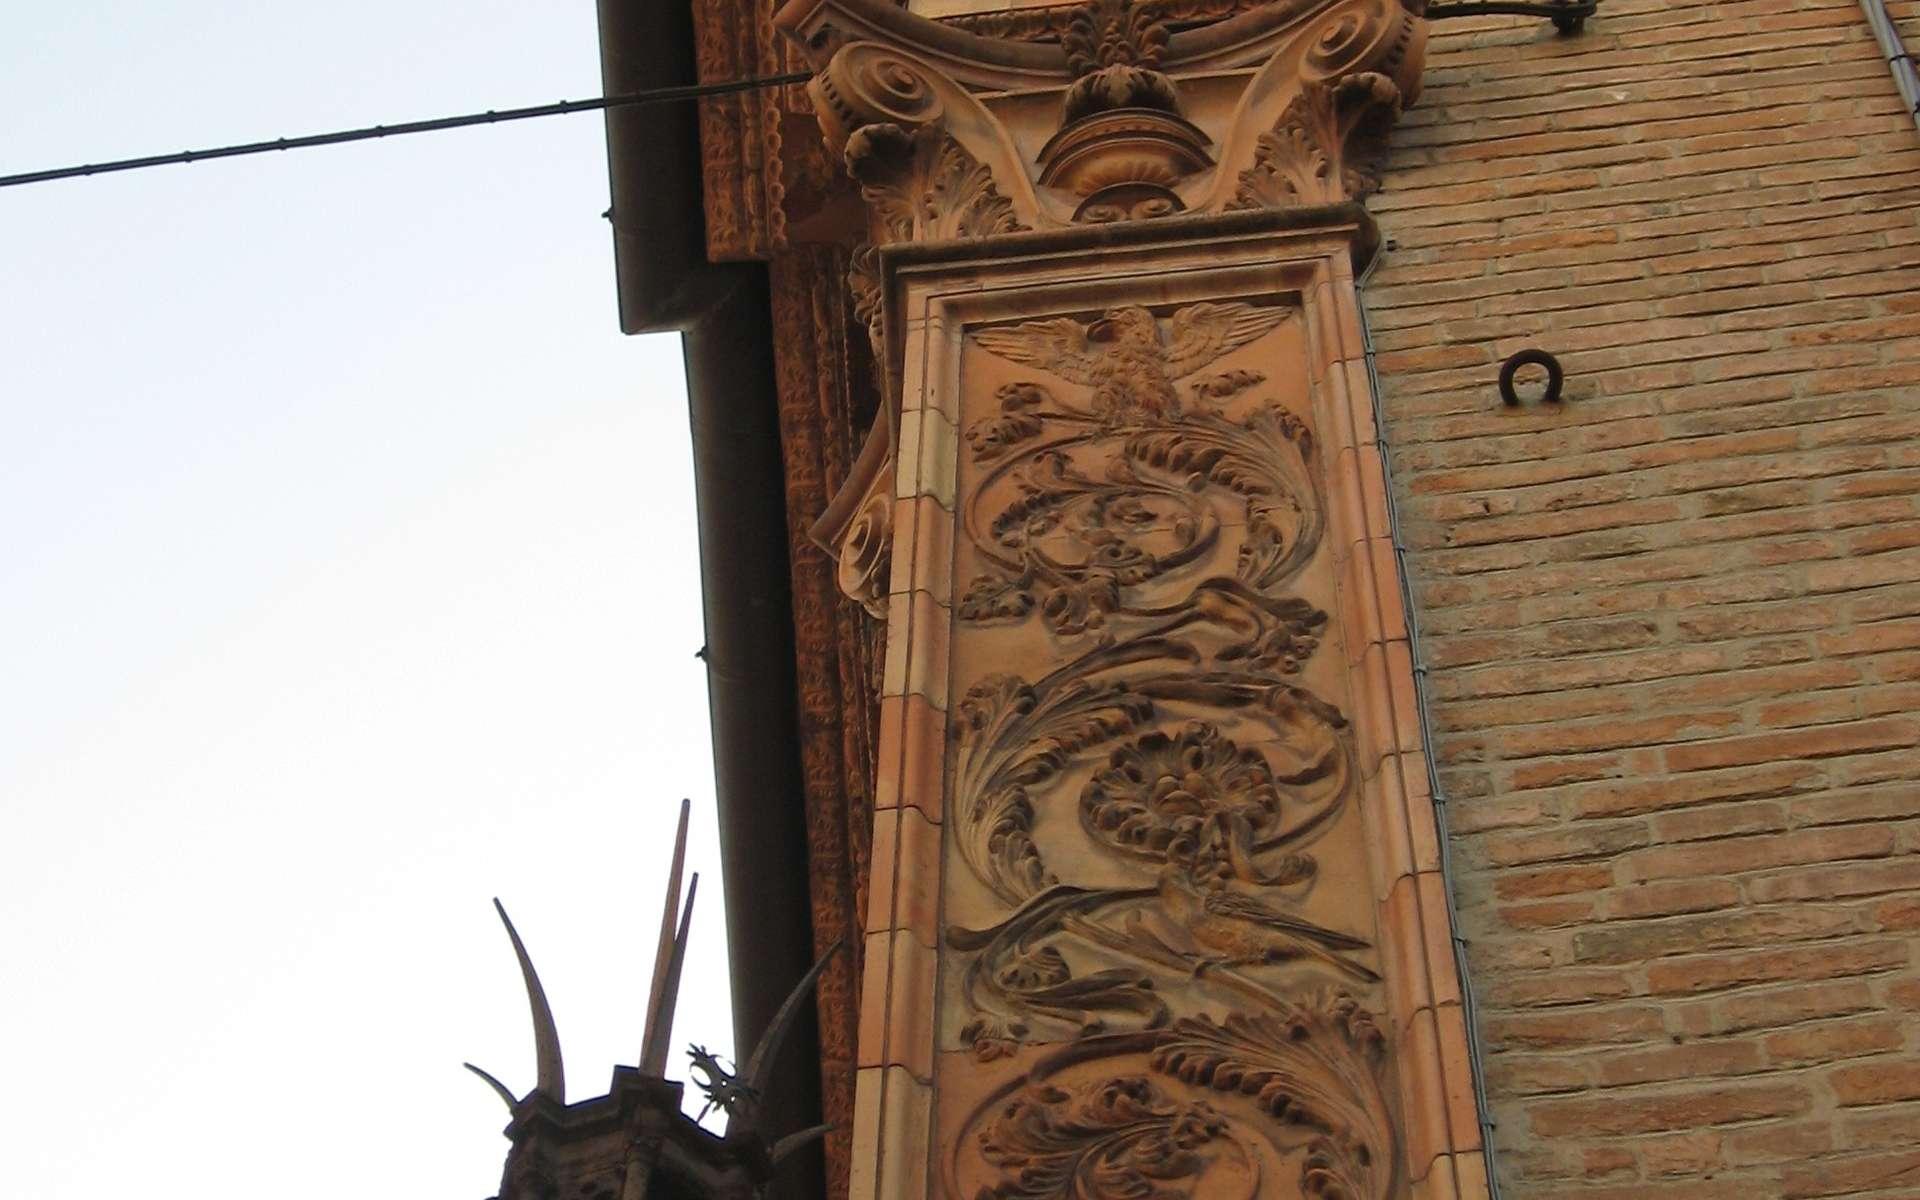 Le pilastre est une sorte de pilier à but uniquement décoratif. © Ho vista nina volare, CC BY-SA 2.0, Wikimedia Commons